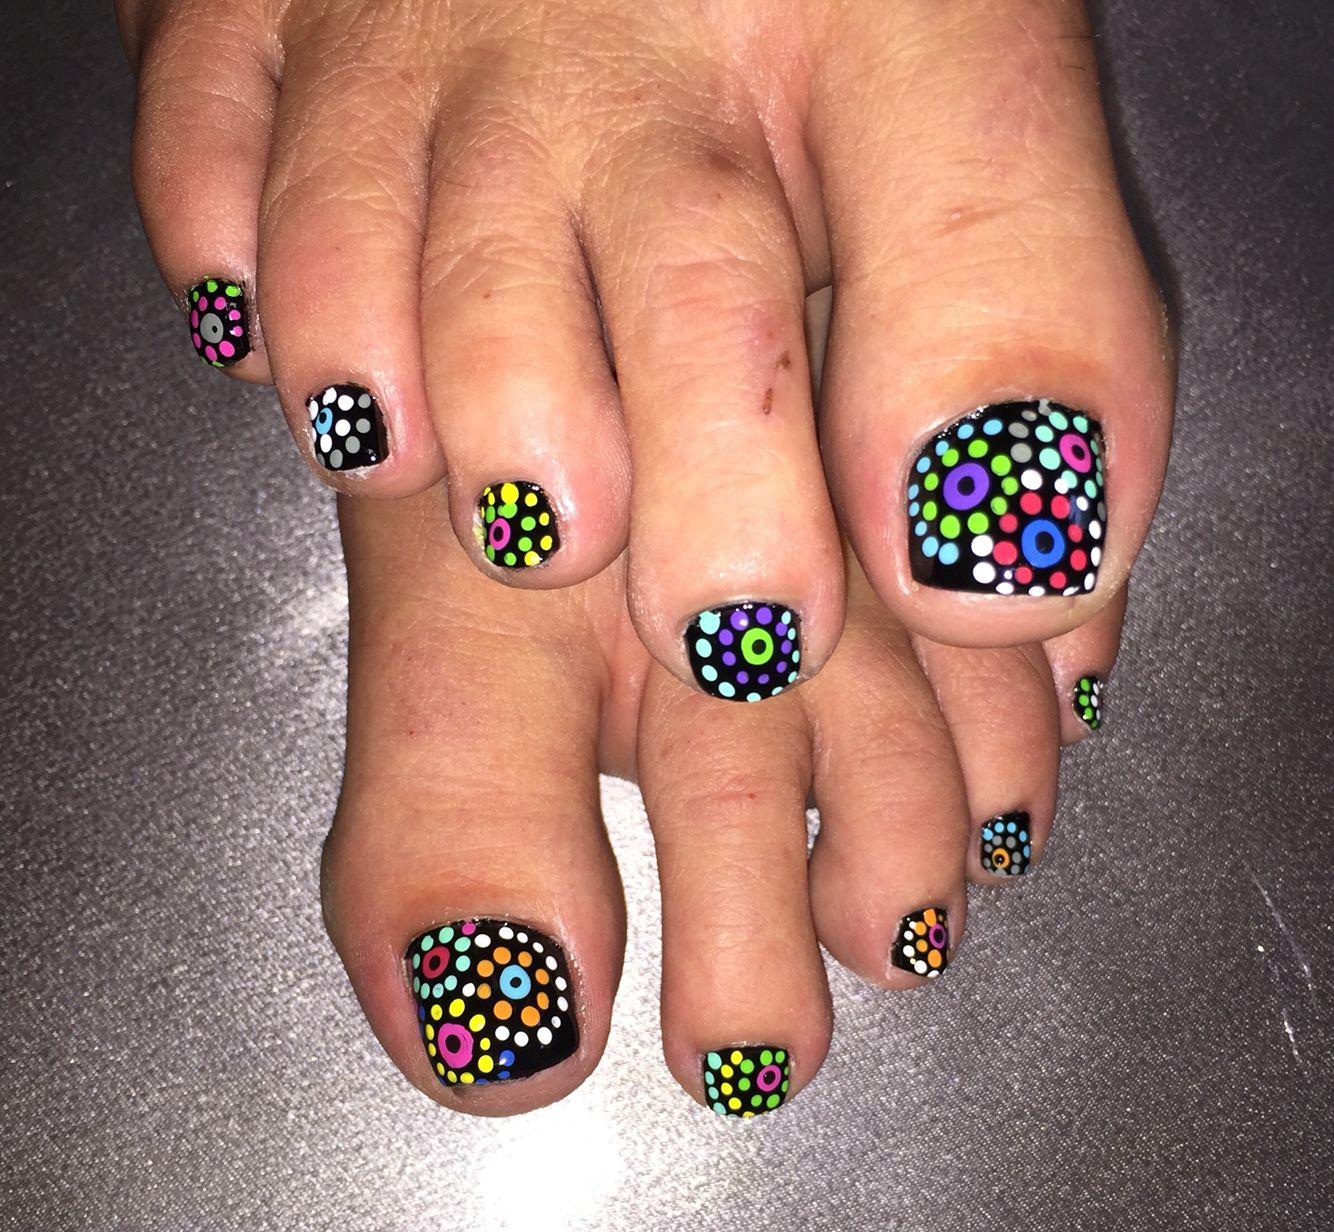 Nail art | Nails | Pinterest | Uñas pies, Diseños de uñas y Arte de uñas